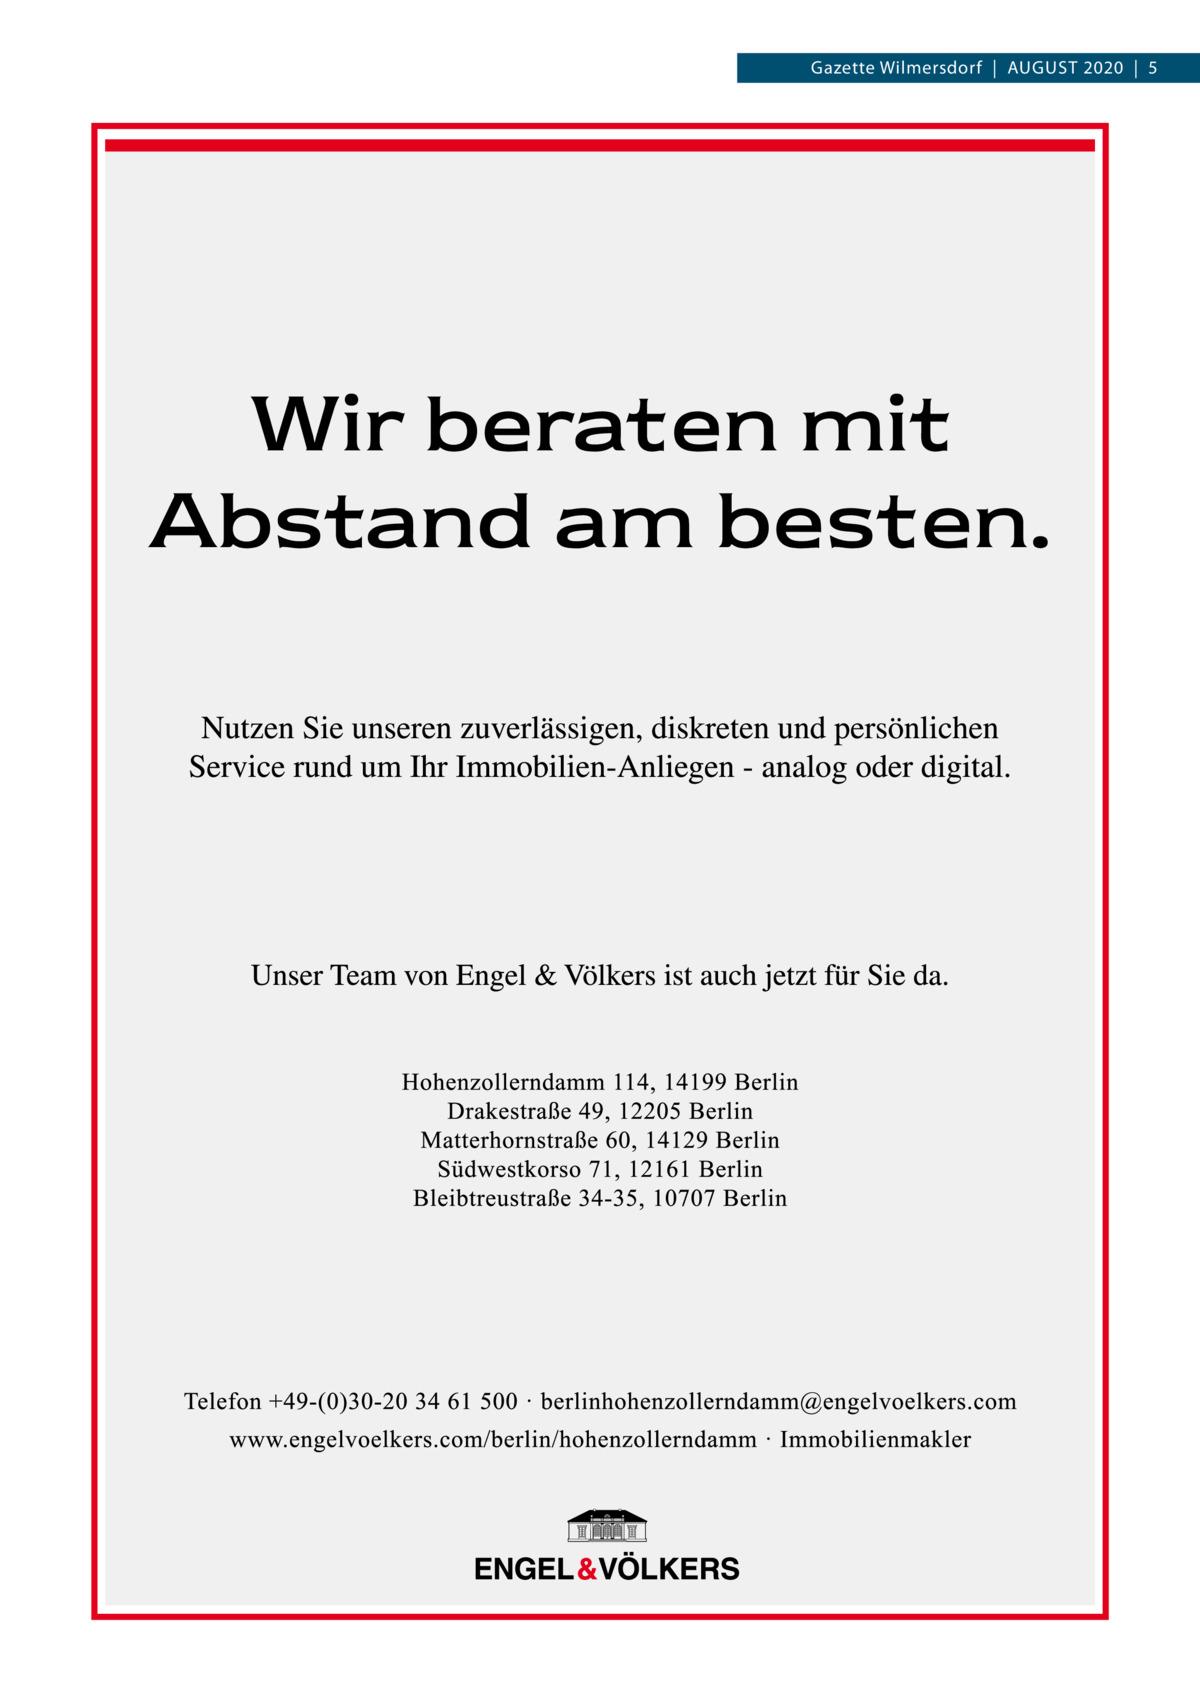 Gazette Wilmersdorf AuGust 2020 5